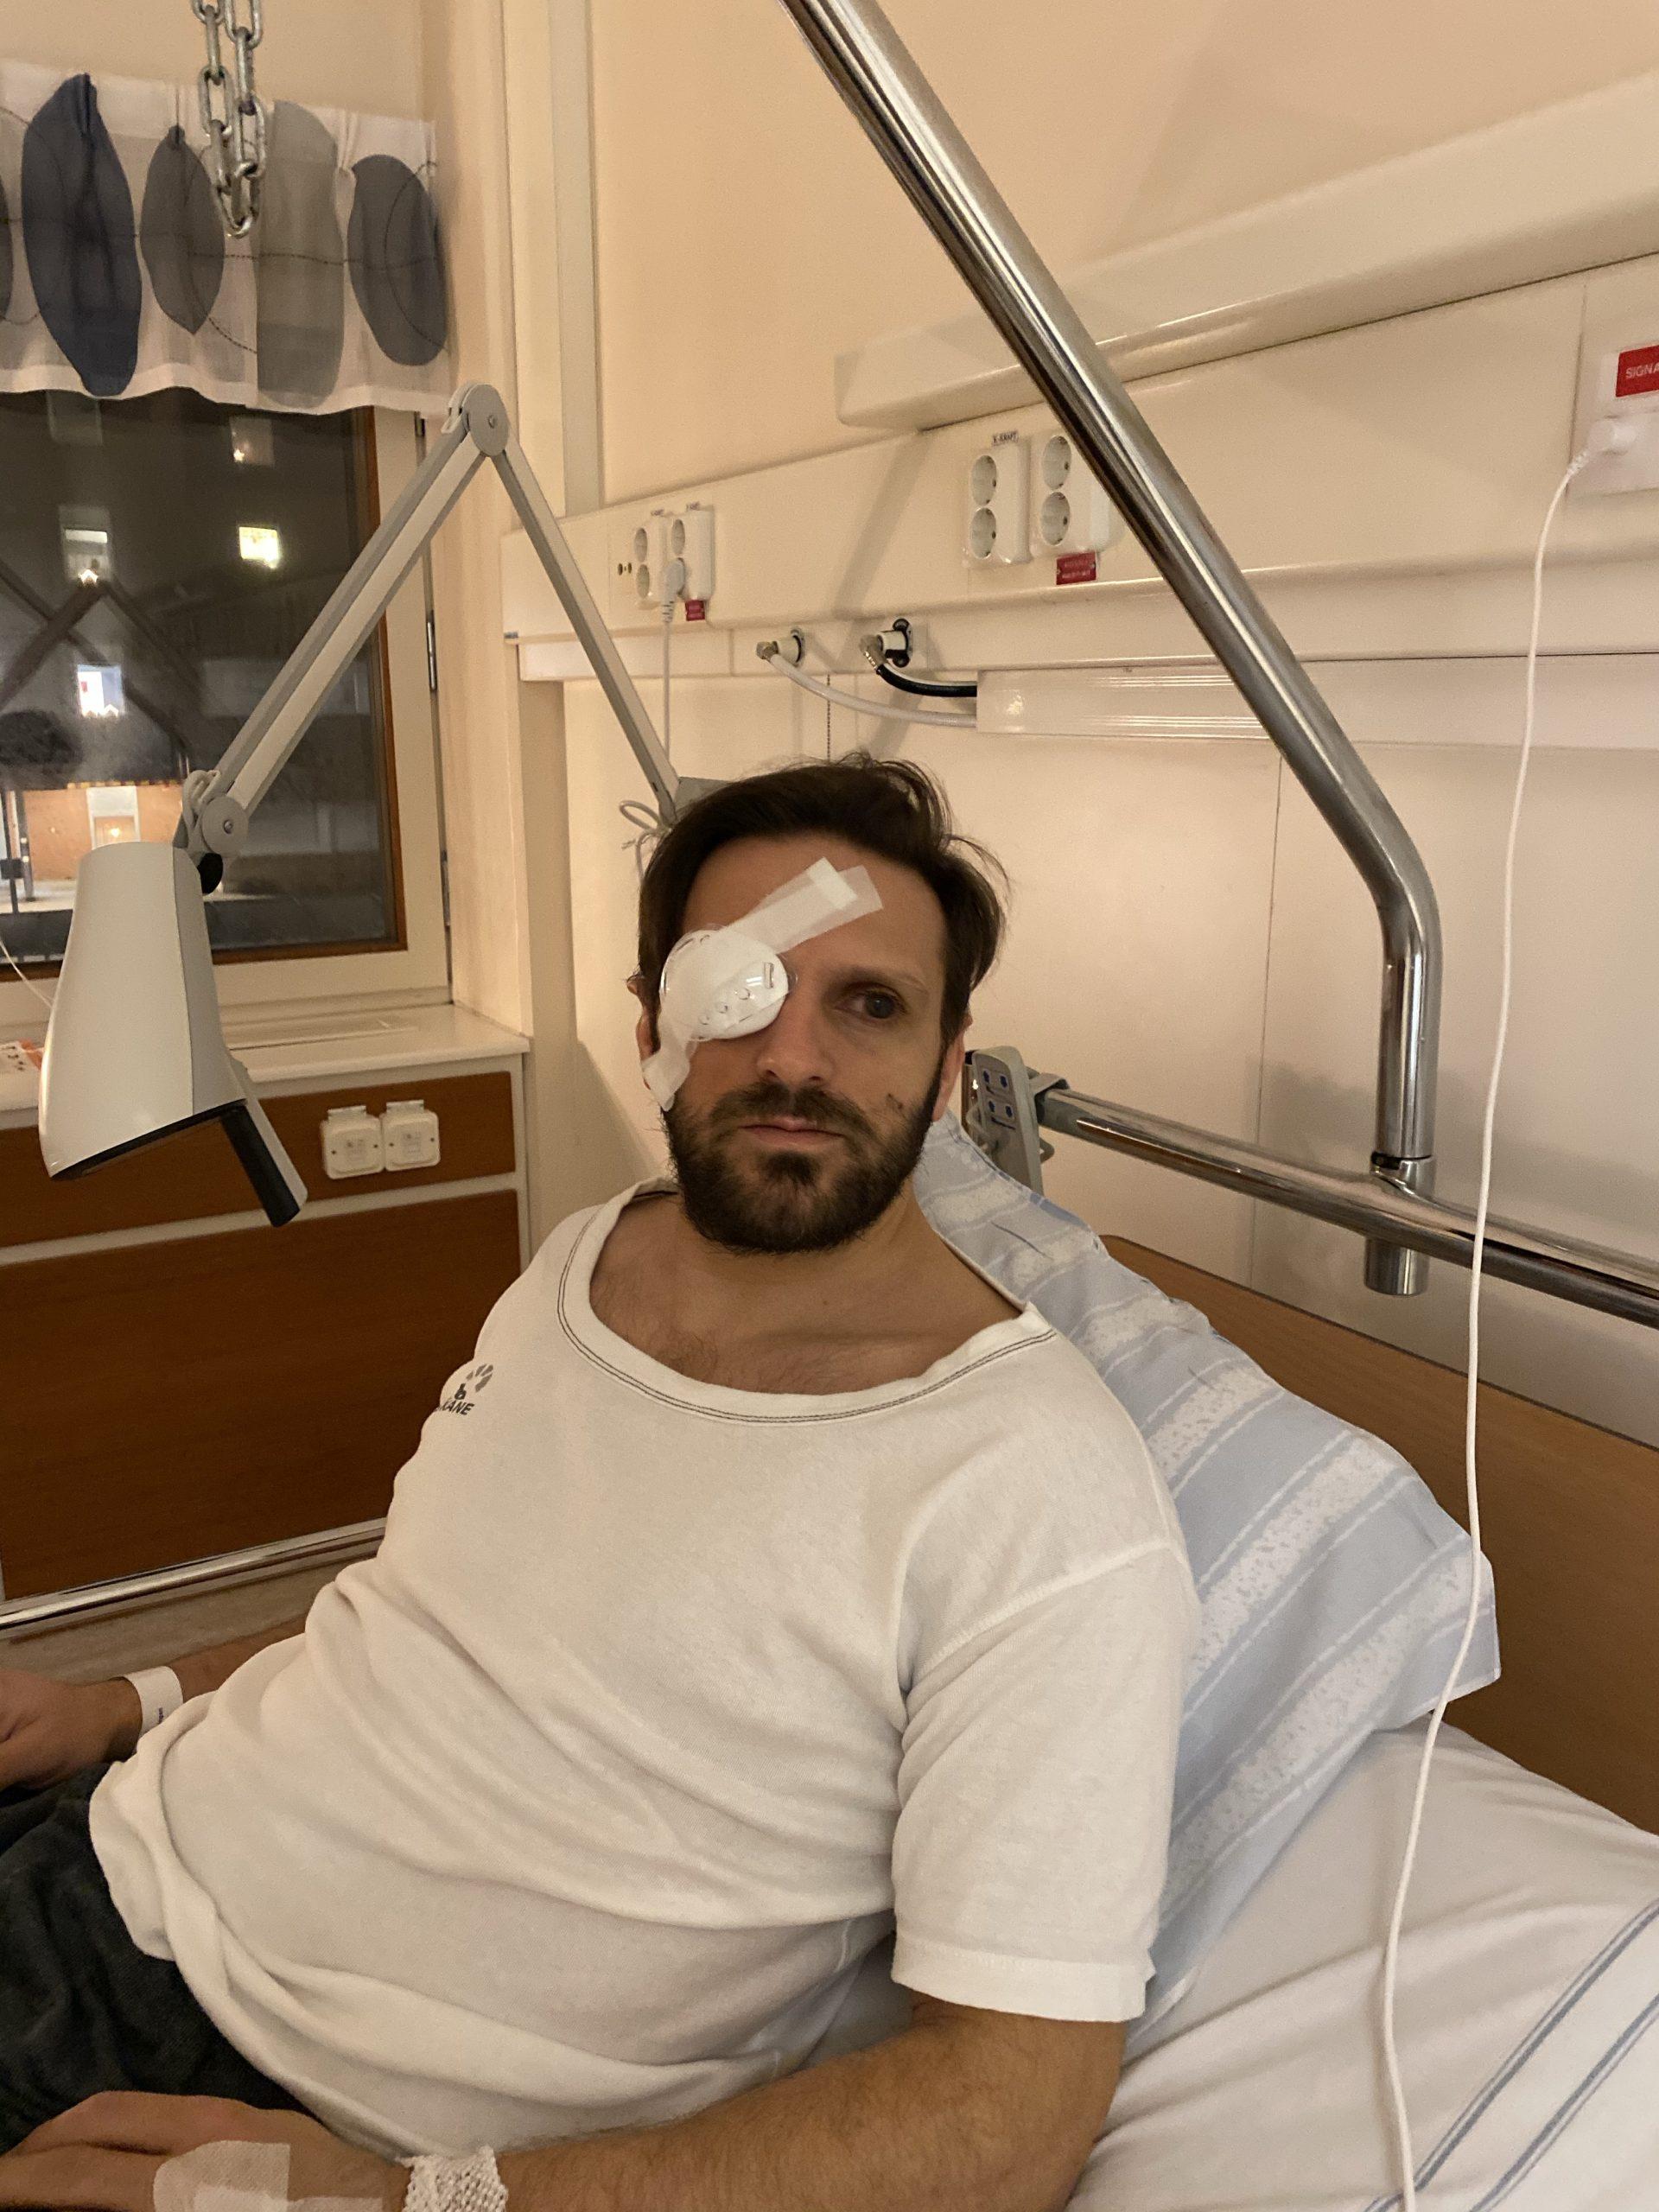 Fatmir Seremeti i en sjukhussäng i regionens sjukhuskläder på sig. Fatmir har ett bandage och plastkåpa för högerögat.